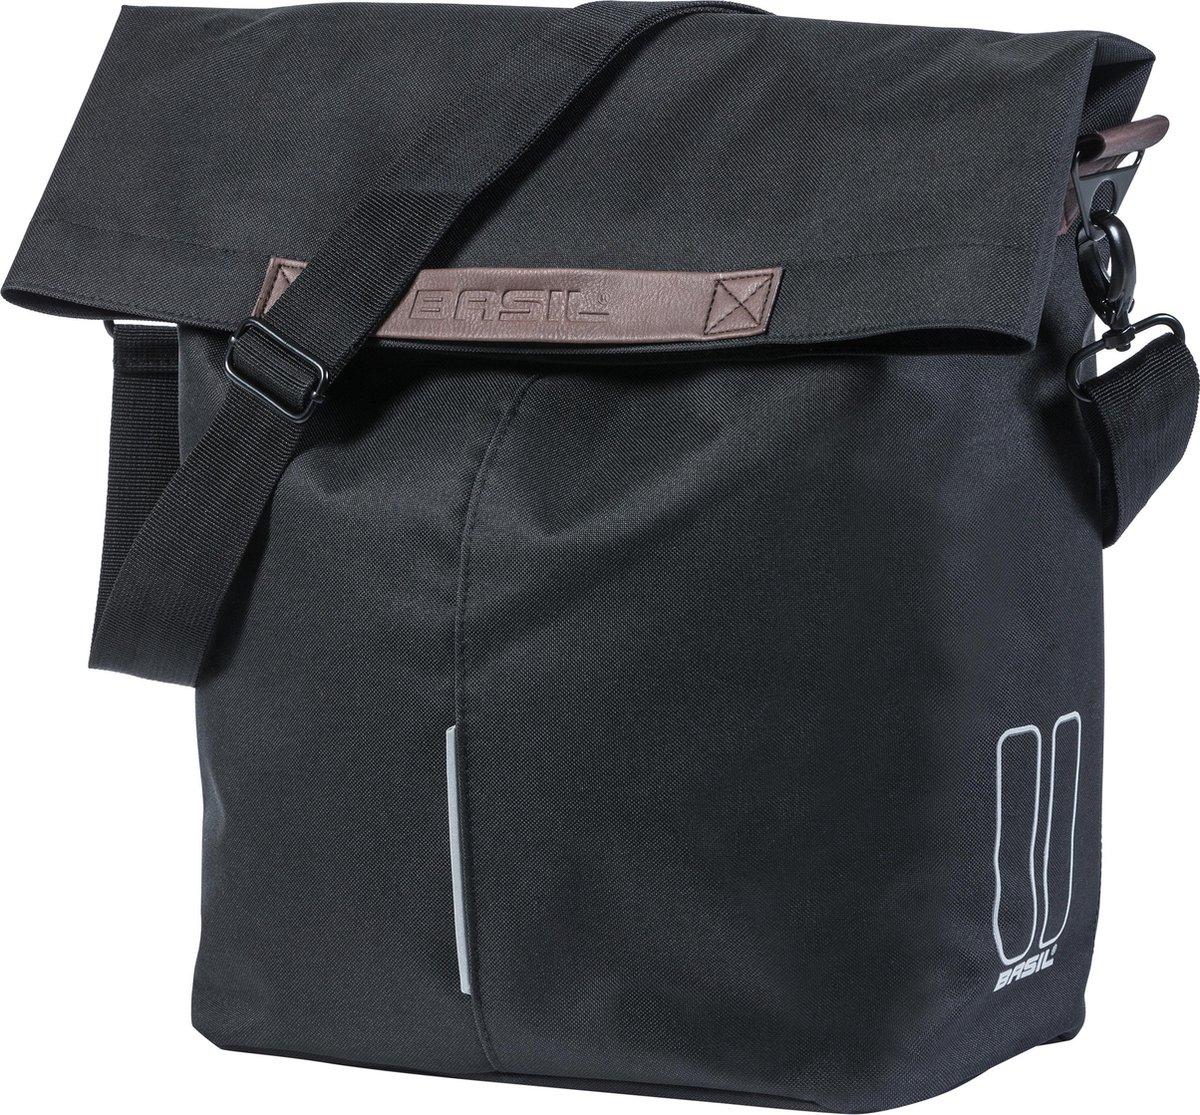 Basil City fietsshopper - Enkele Fietstas - 16 liter - Zwart